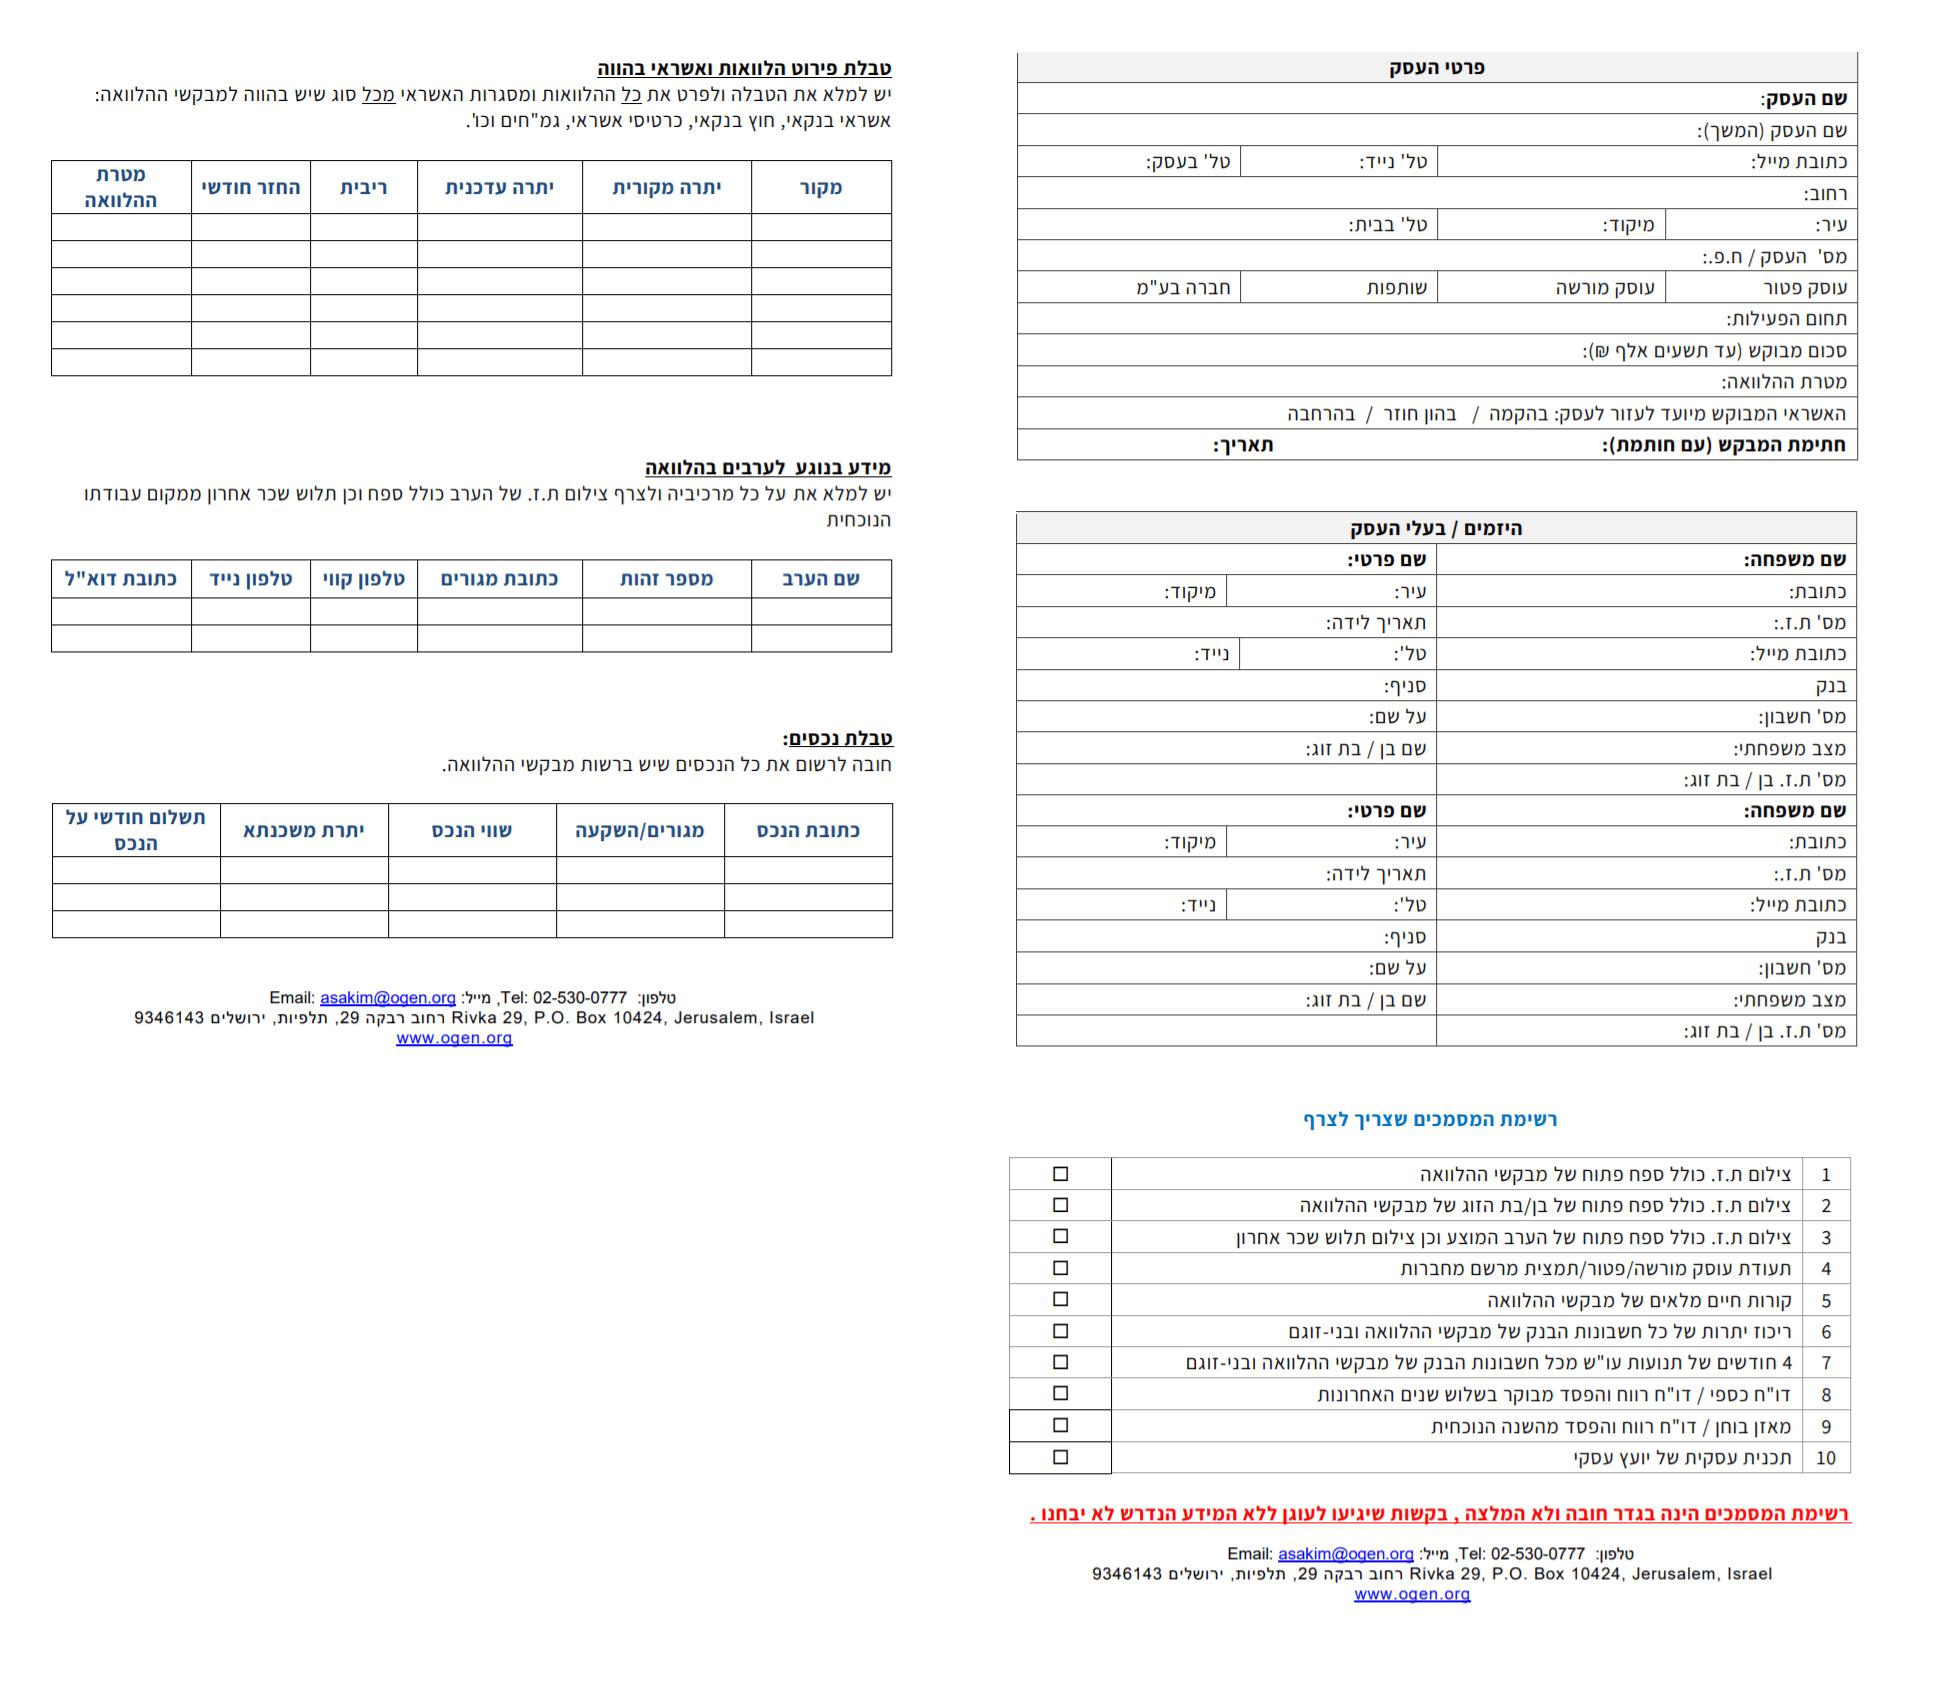 טופס בקשה - הלוואה לעסק